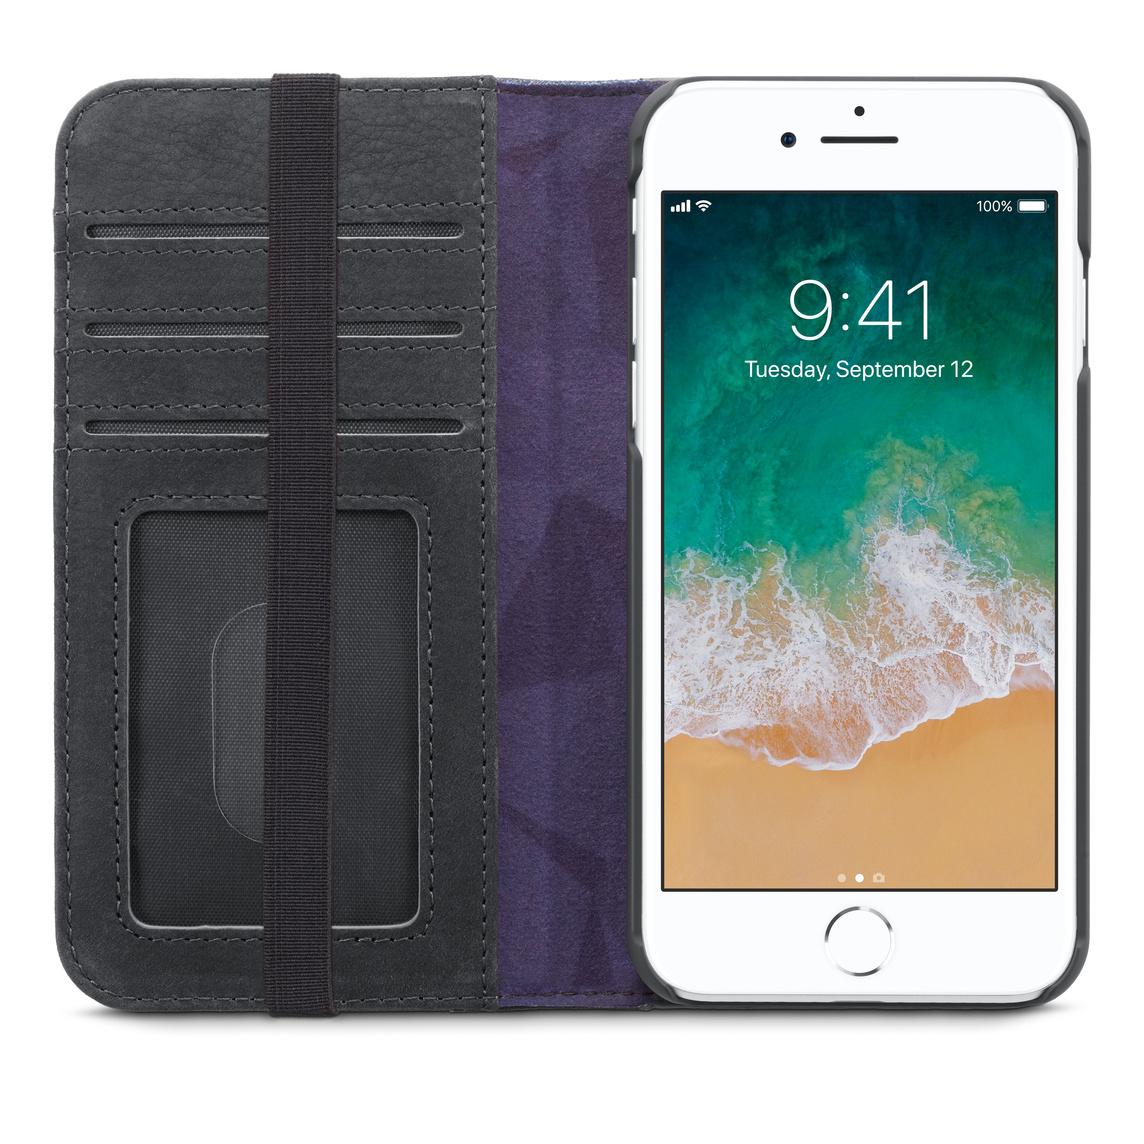 Étui-portefeuille en cuir de Decoded pour iPhone SE, iPhone 8 et iPhone 7